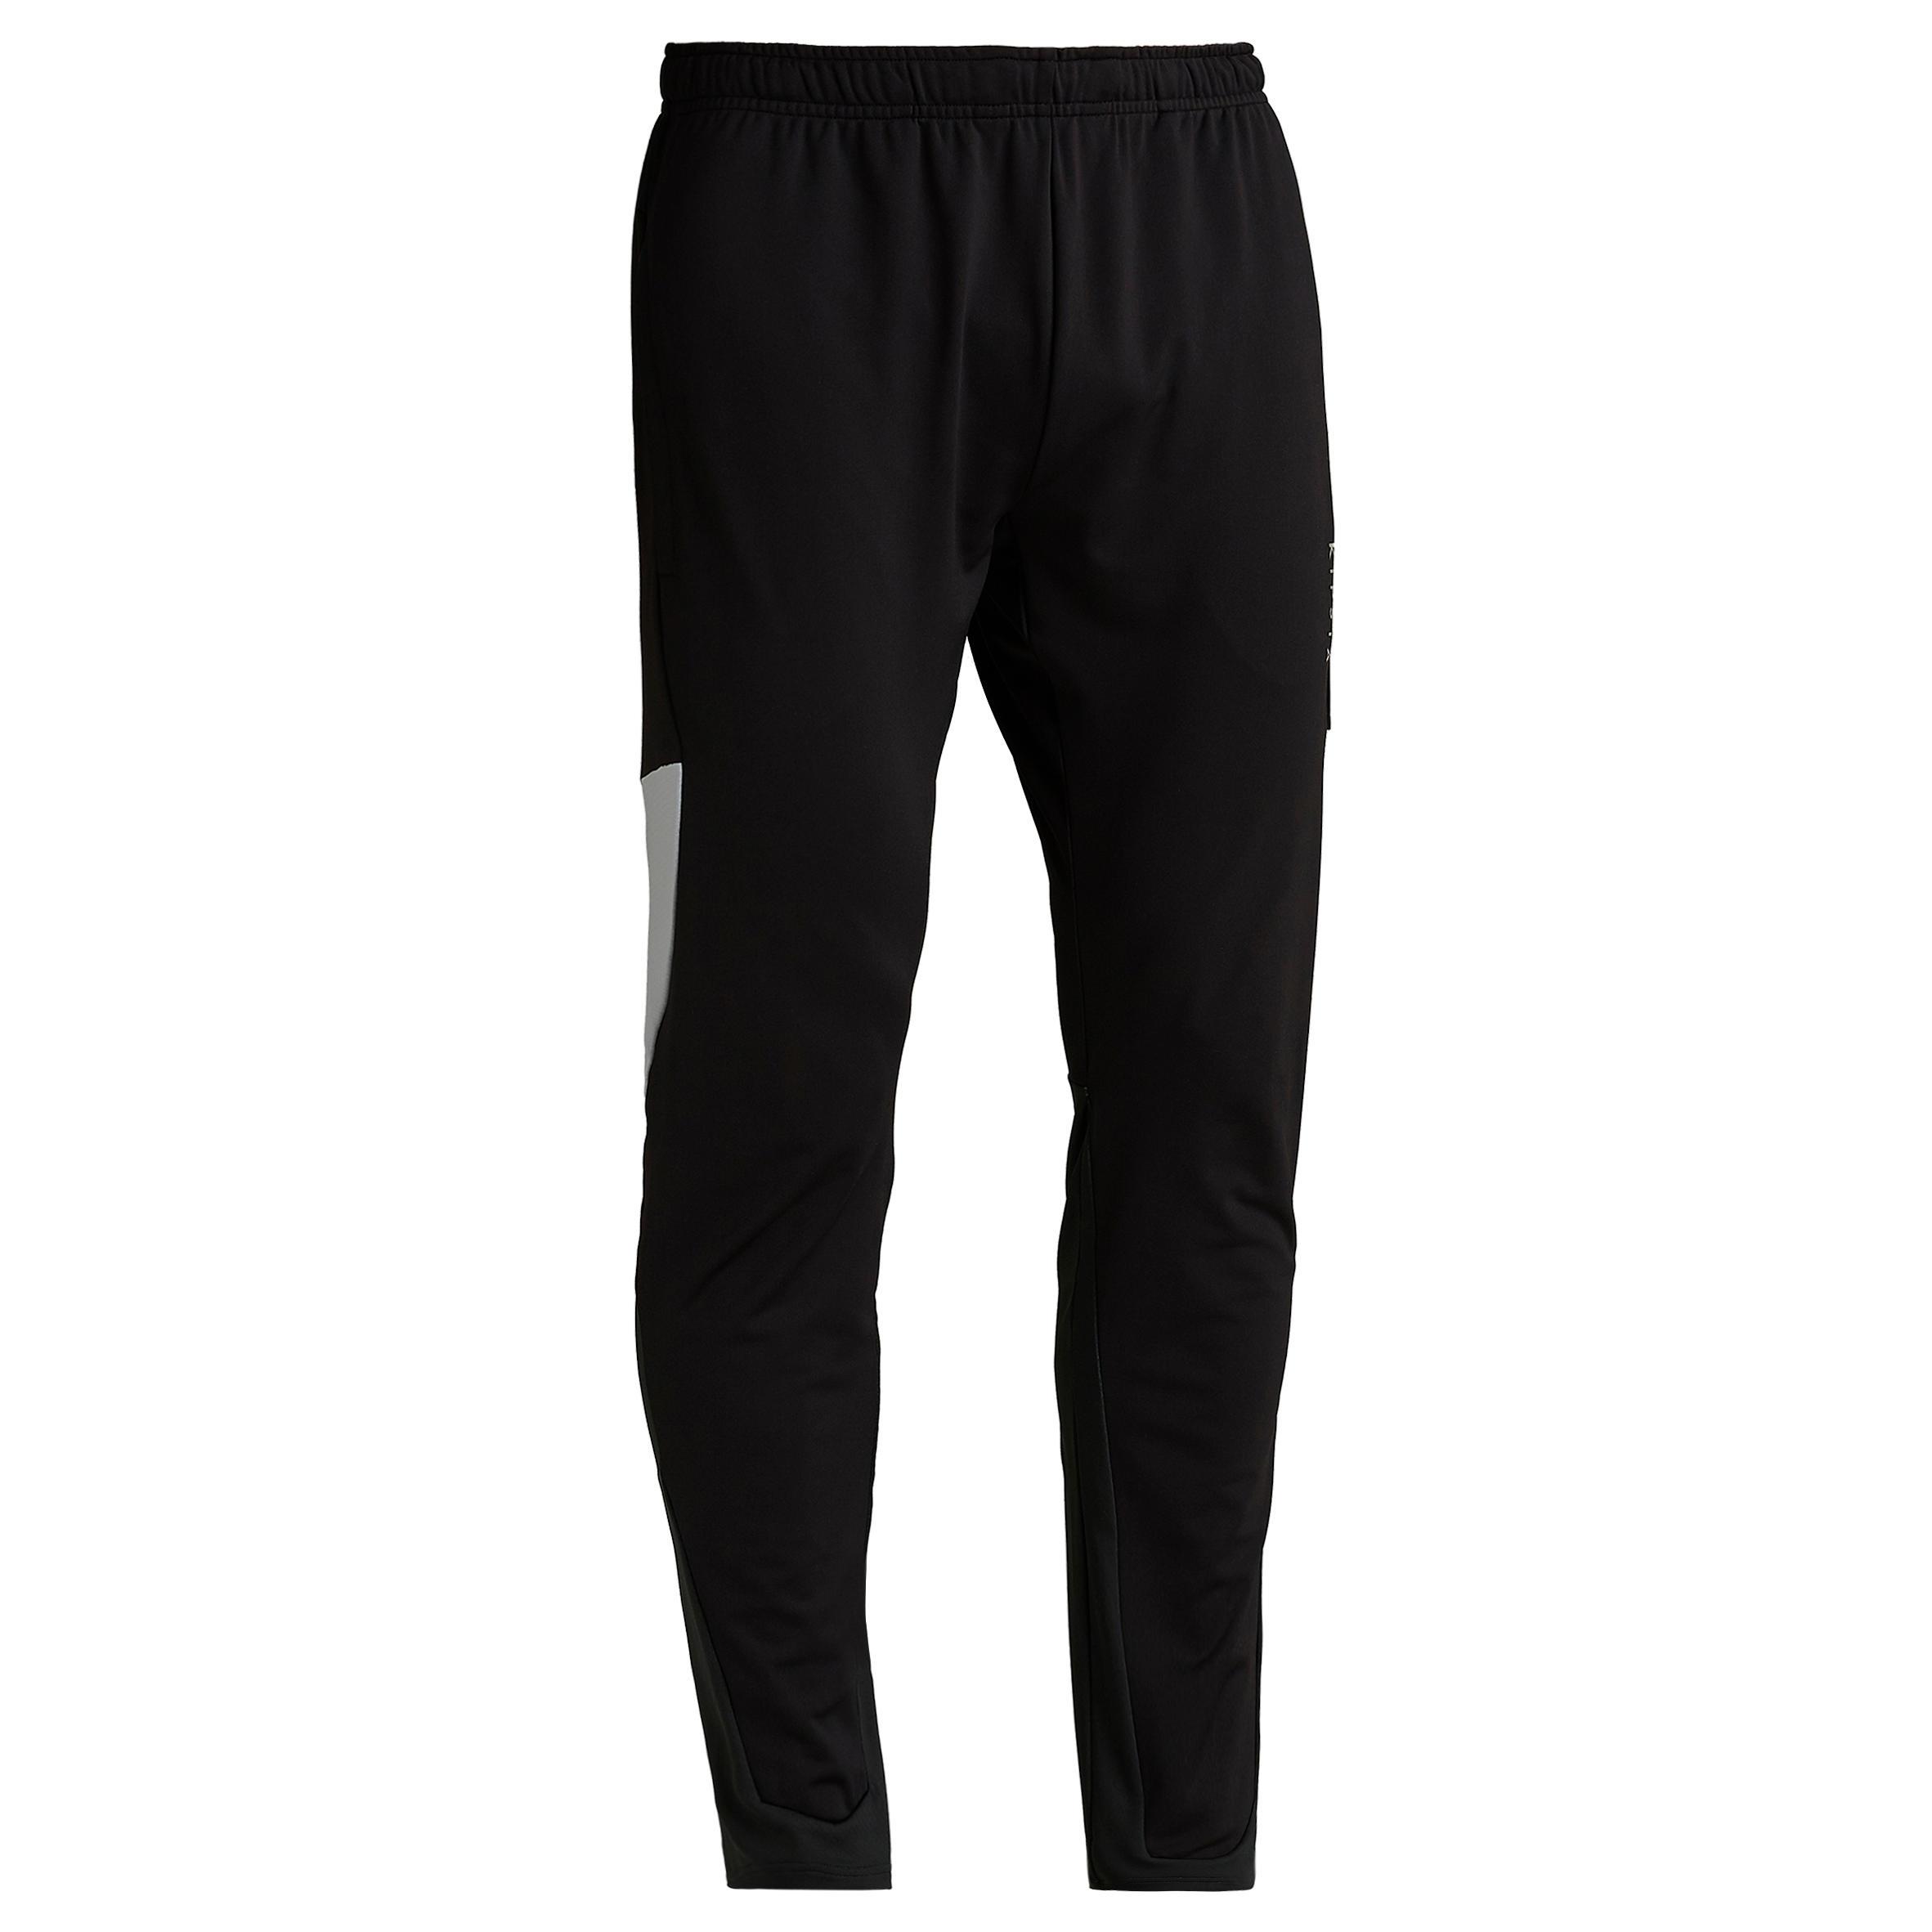 Pantalon Fotbal T500 Adulți la Reducere poza